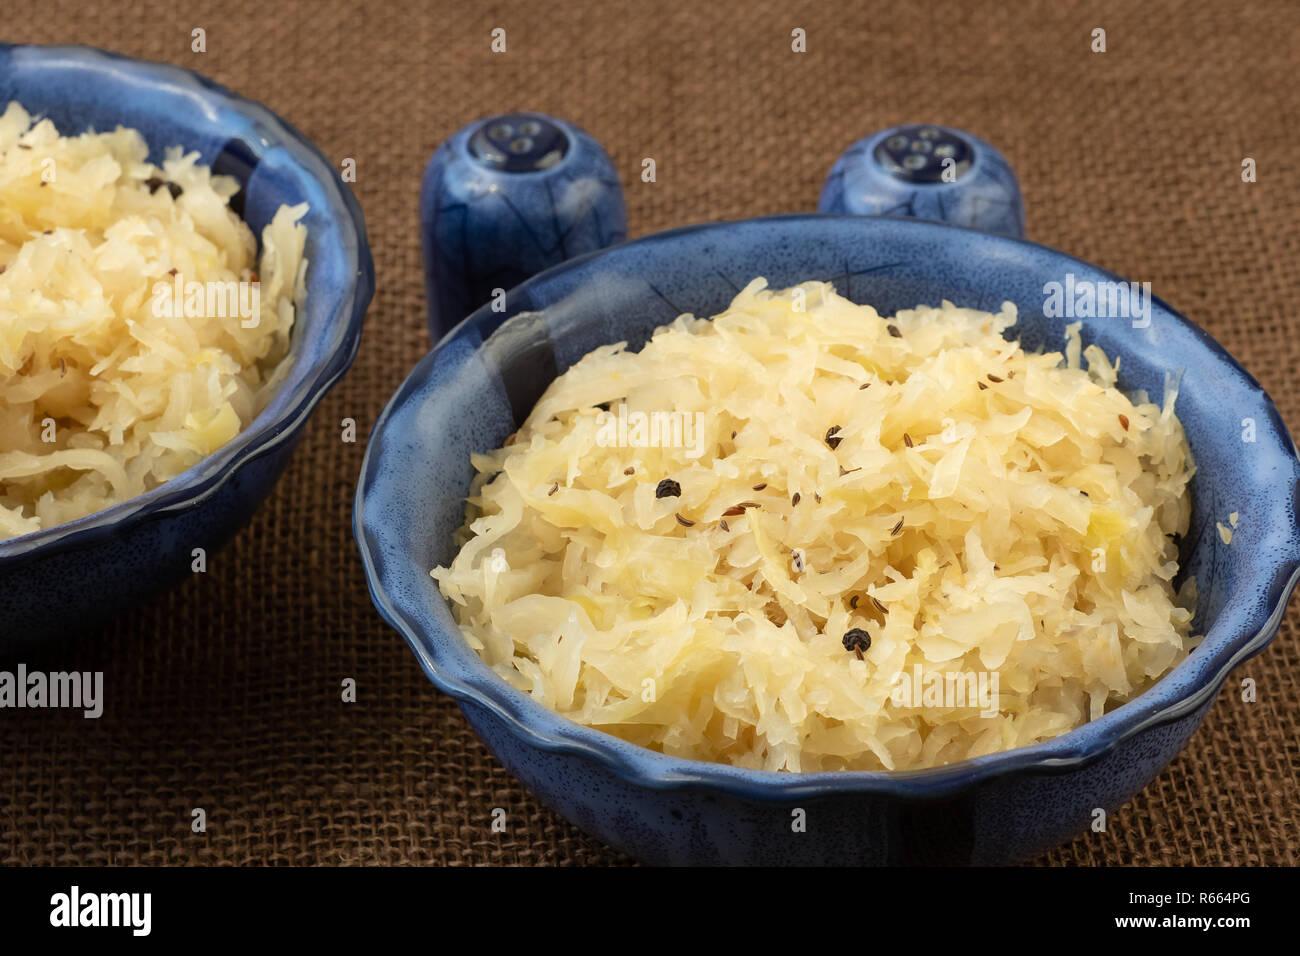 Sauerkraut in a blue bowl. Fresh healthy sauerkraut. - Stock Image